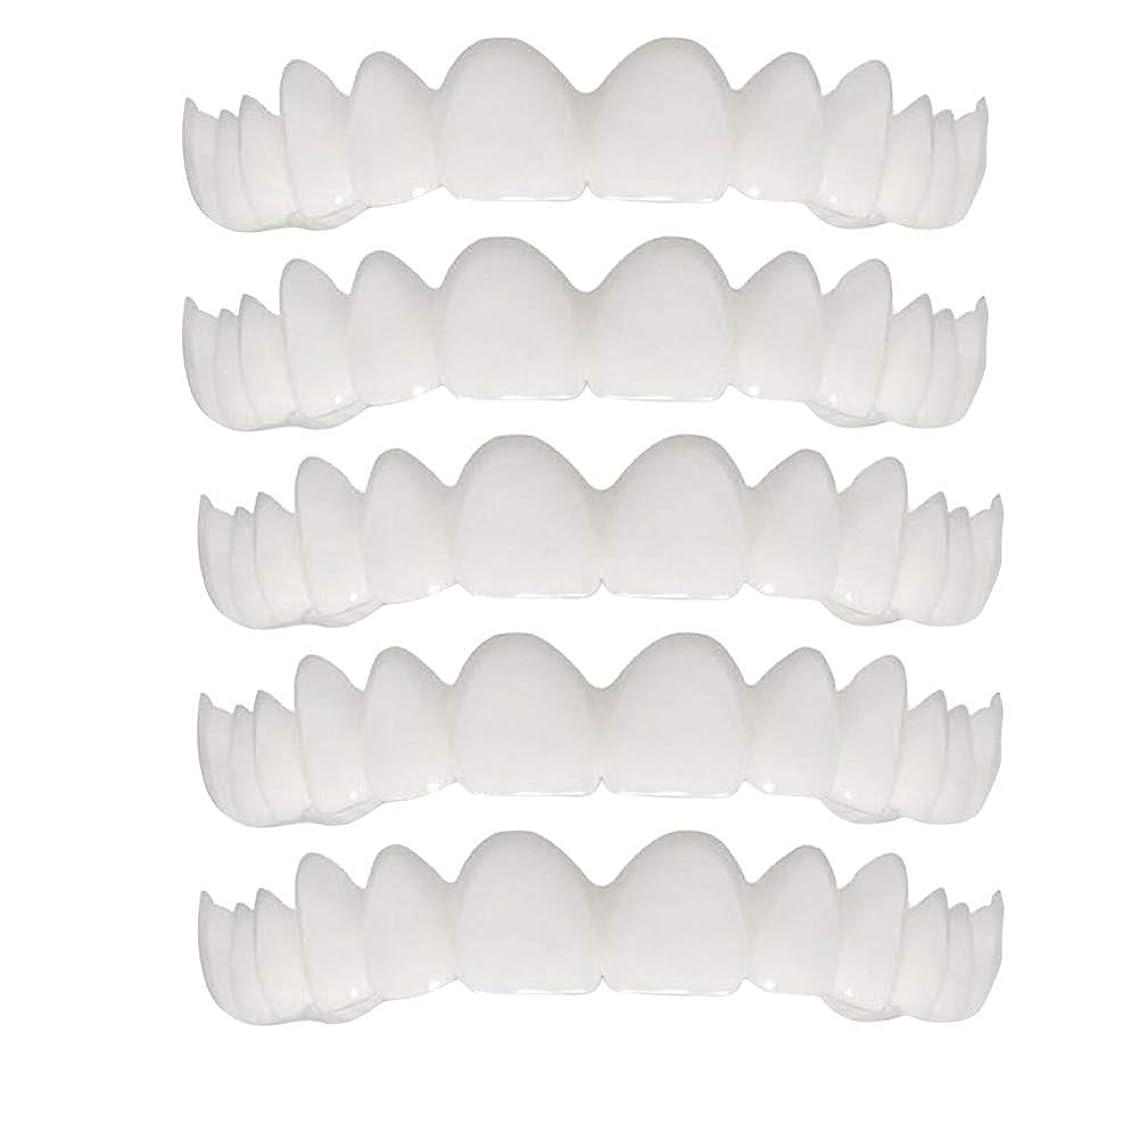 ハリケーン稚魚やむを得ない5組の一時的な化粧品の歯入れ歯の歯の化粧品のシミュレーションのブレースの上部のブレース+下部のブレース、瞬時に快適な柔らかい完璧なベニヤ,5Upperteeth+Lowerteeth